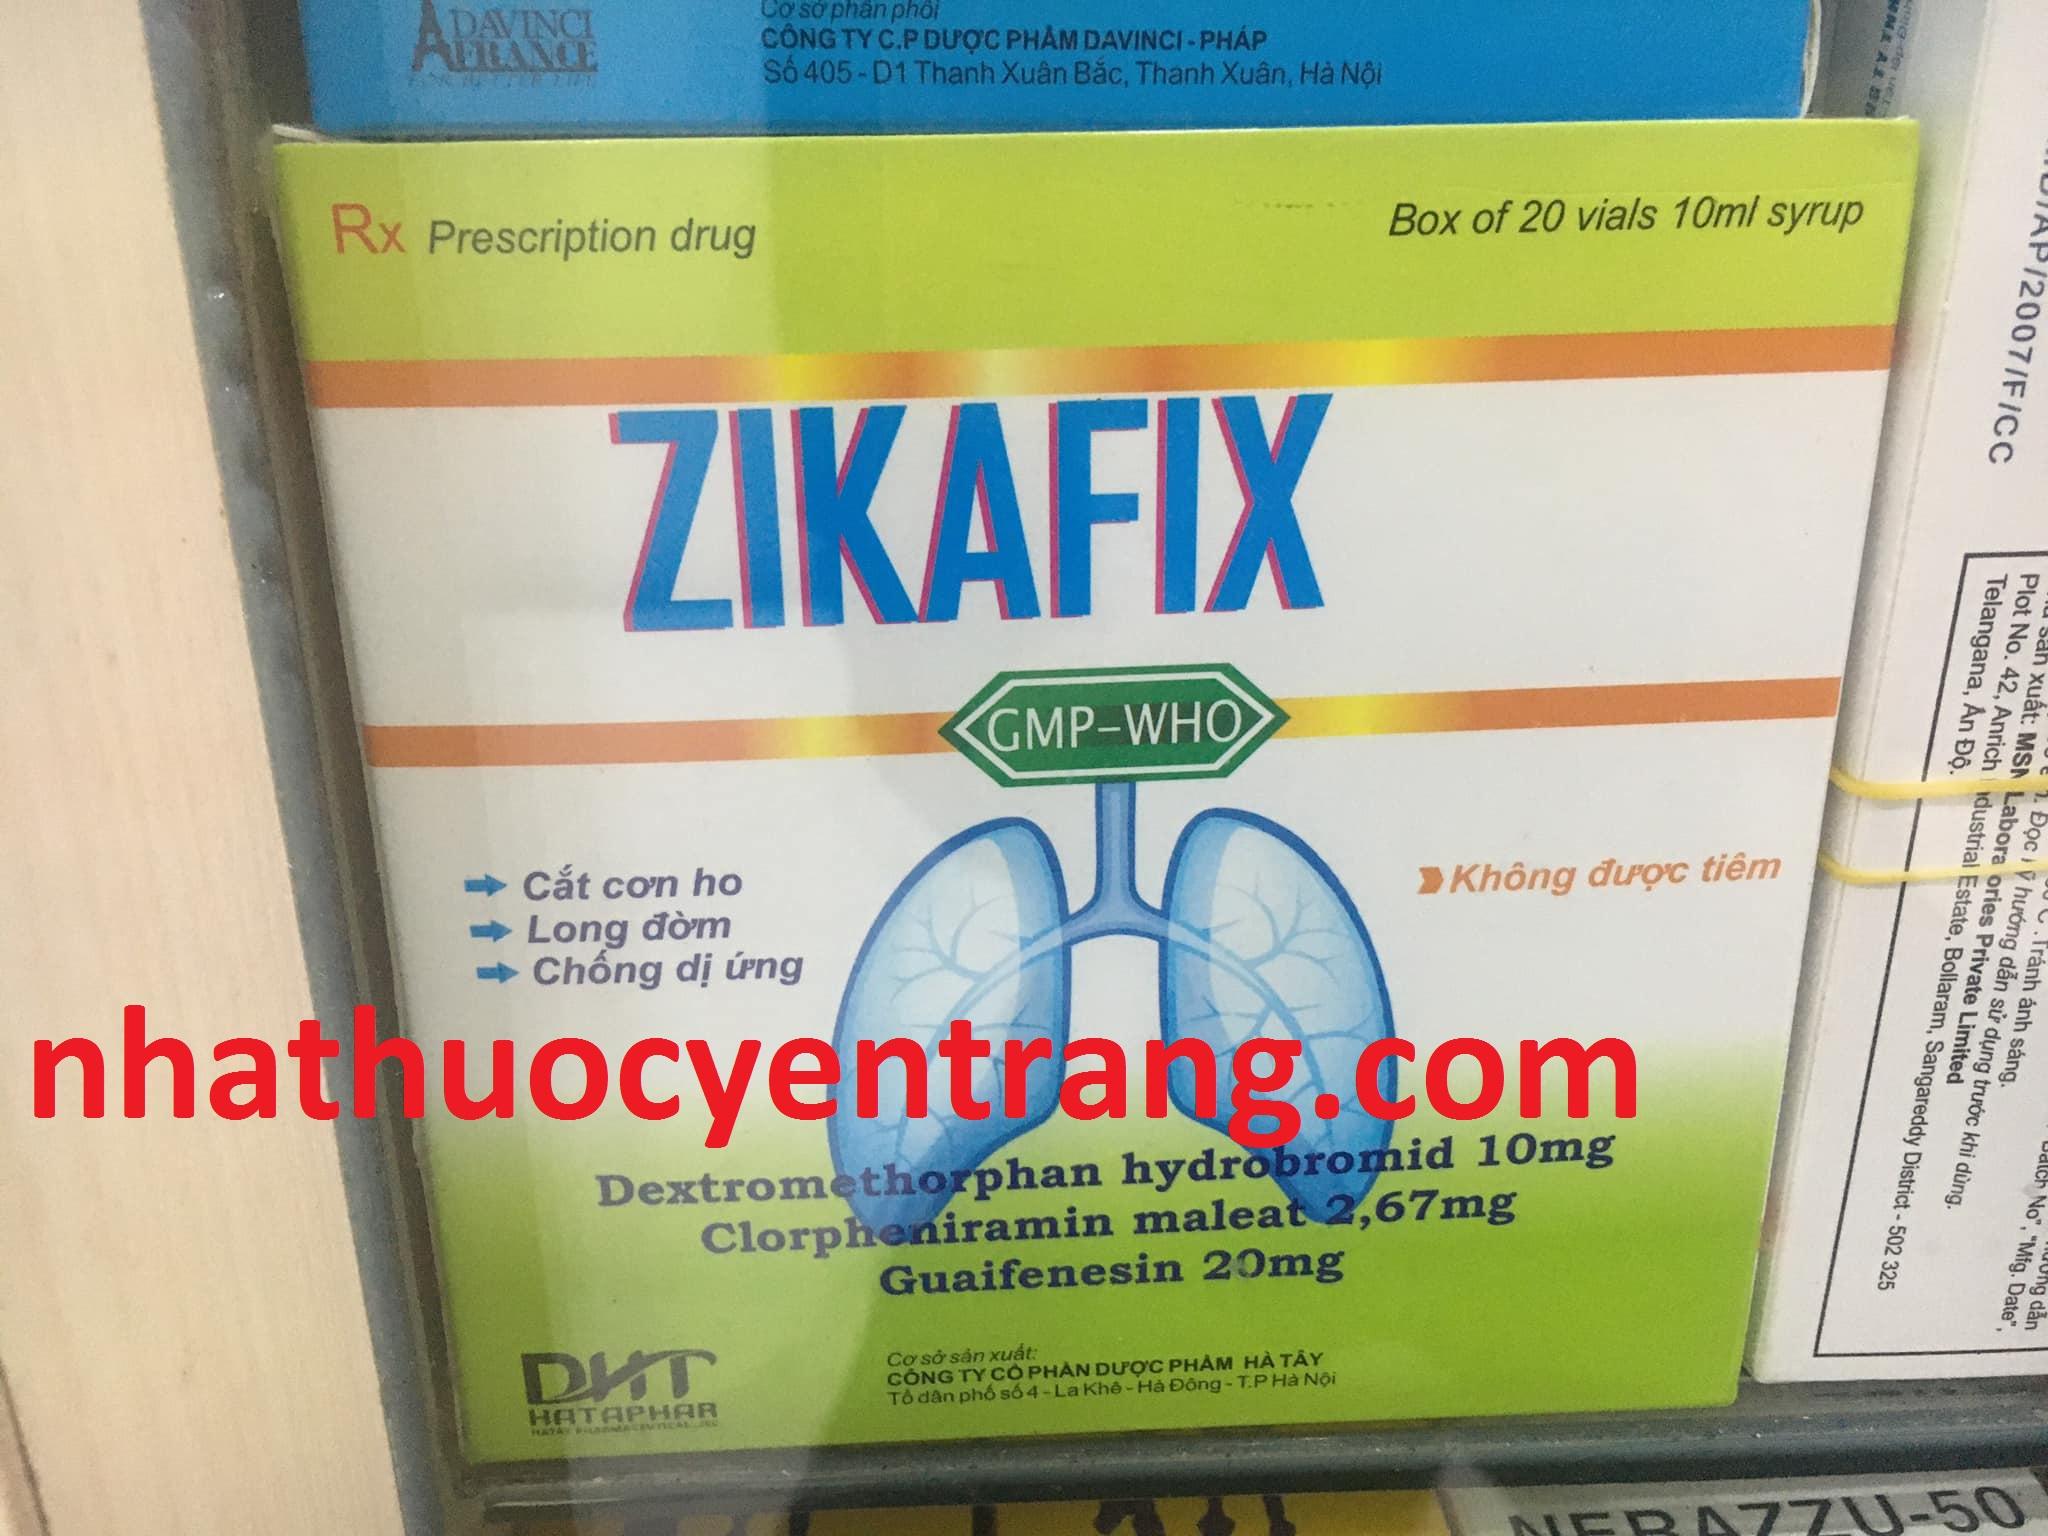 Zikafix 10ml